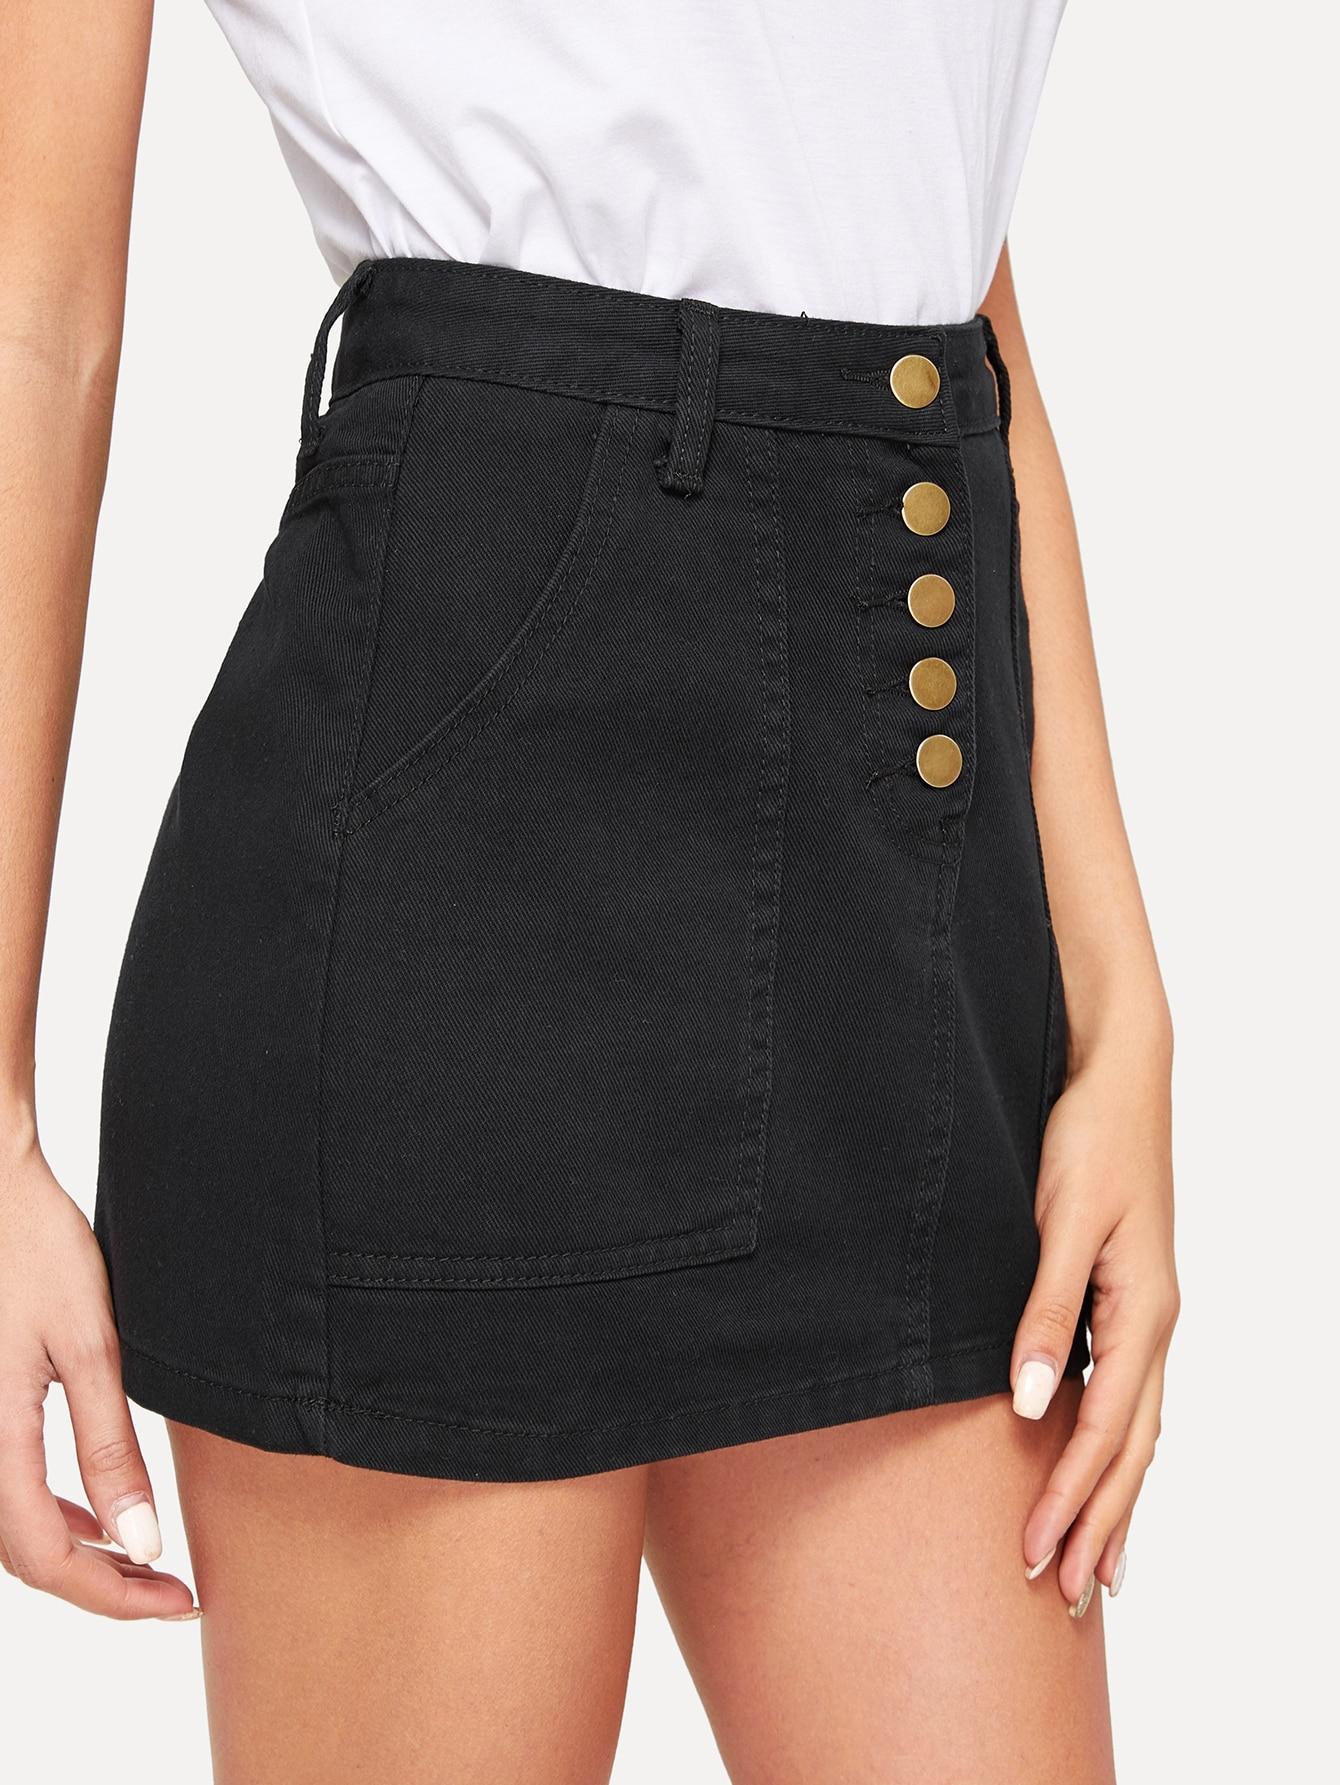 Джинсовая юбка  Черный цвета